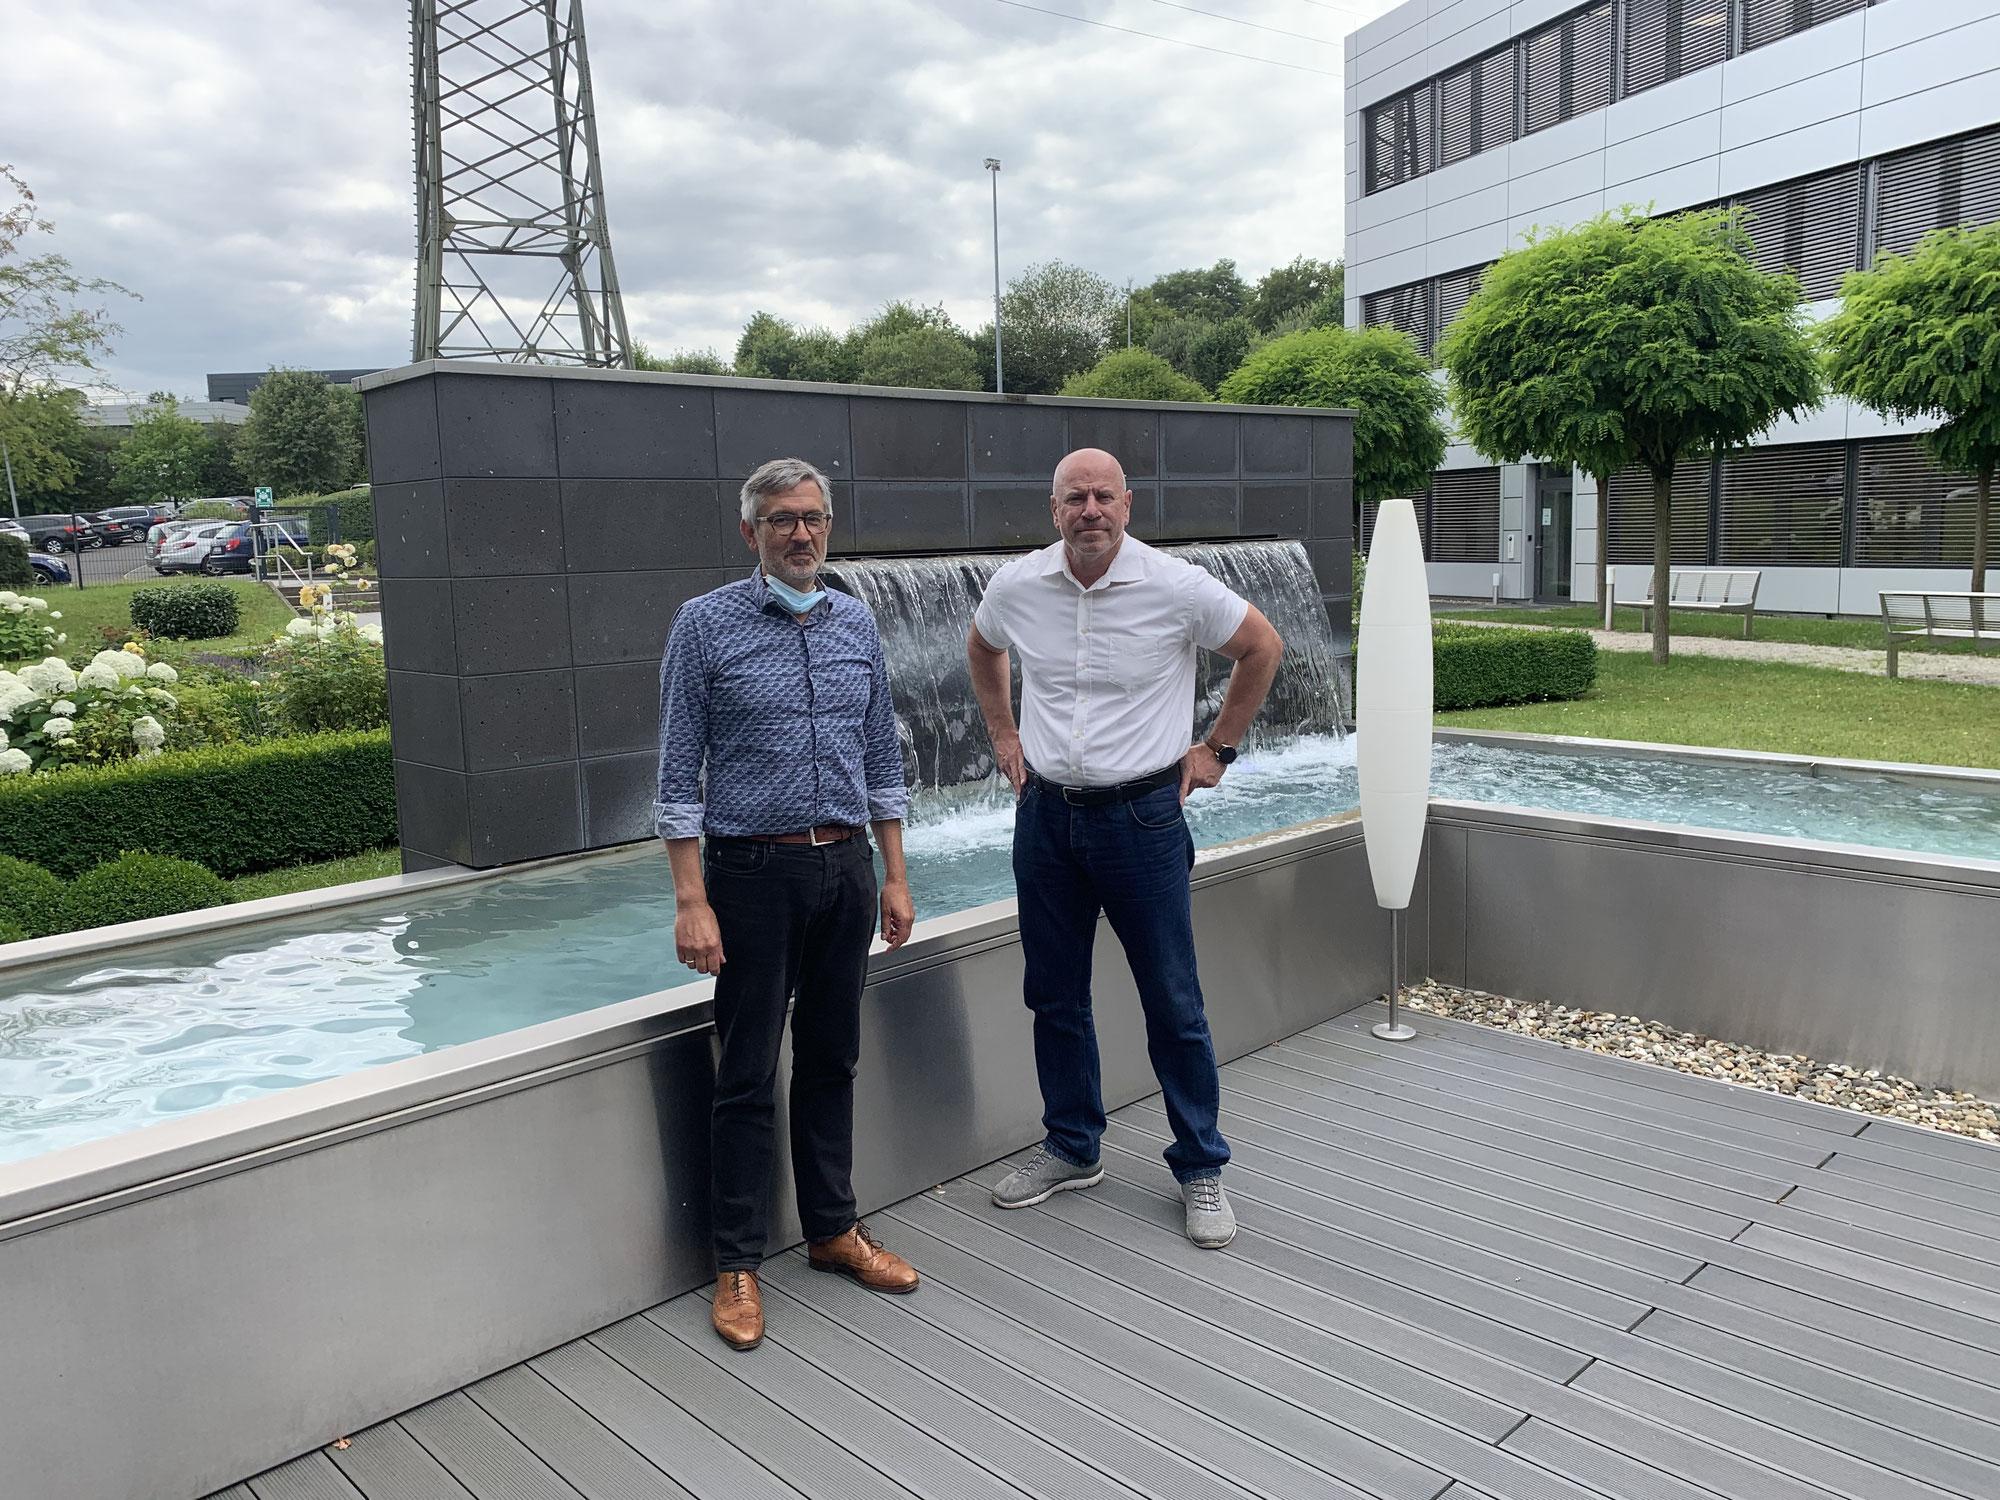 Besuch der PVA-TePla in Wettenberg